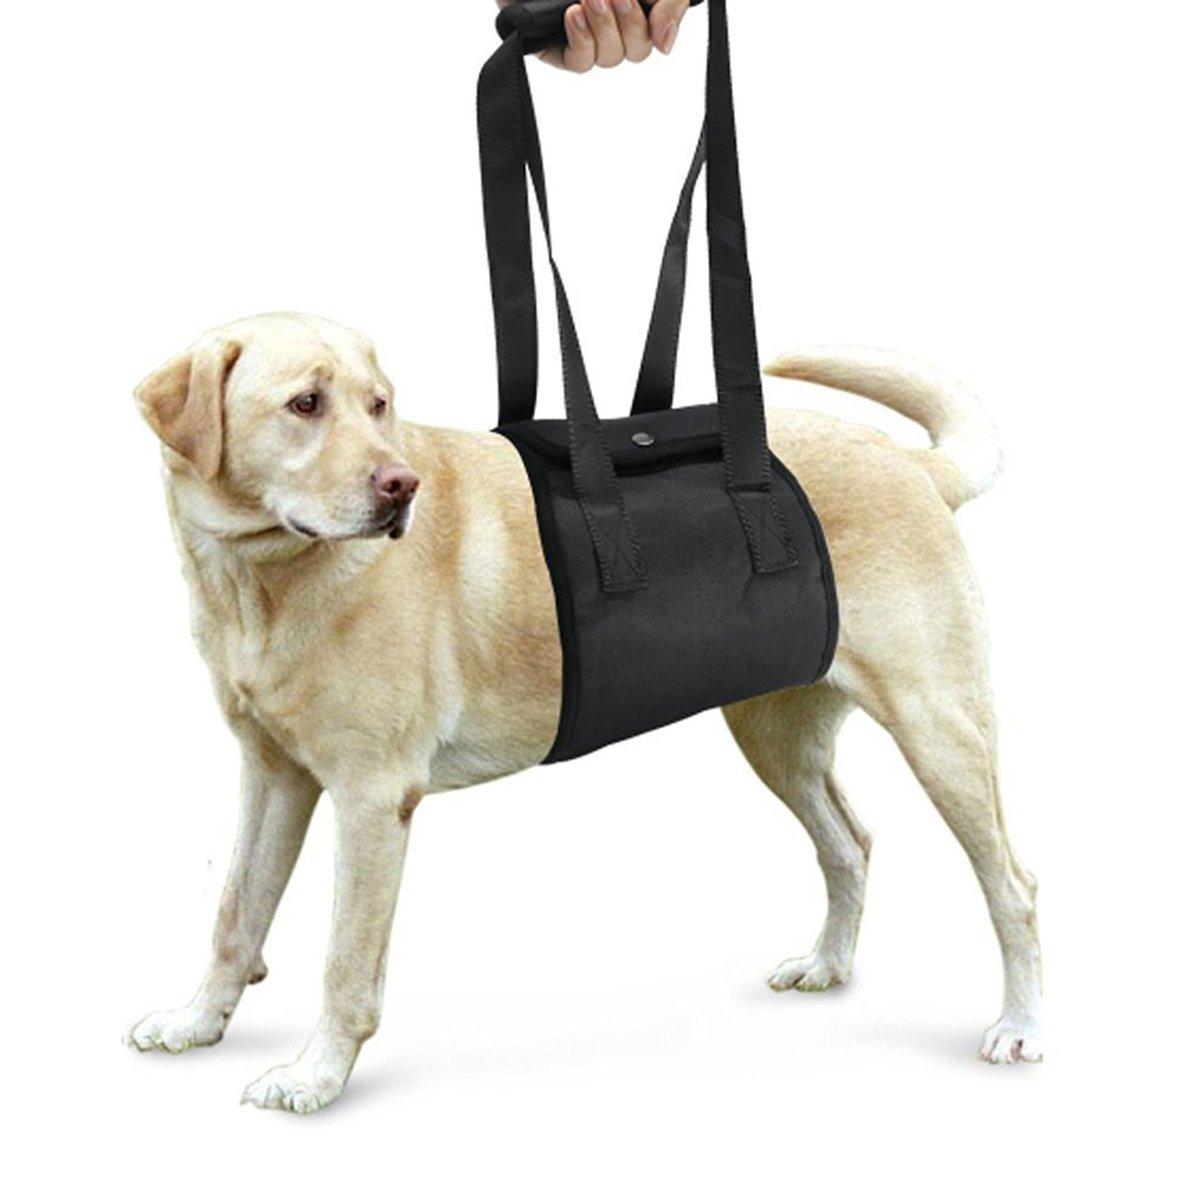 Perro elevación soporte arnés canino ayuda rehabilitación arnés para ...